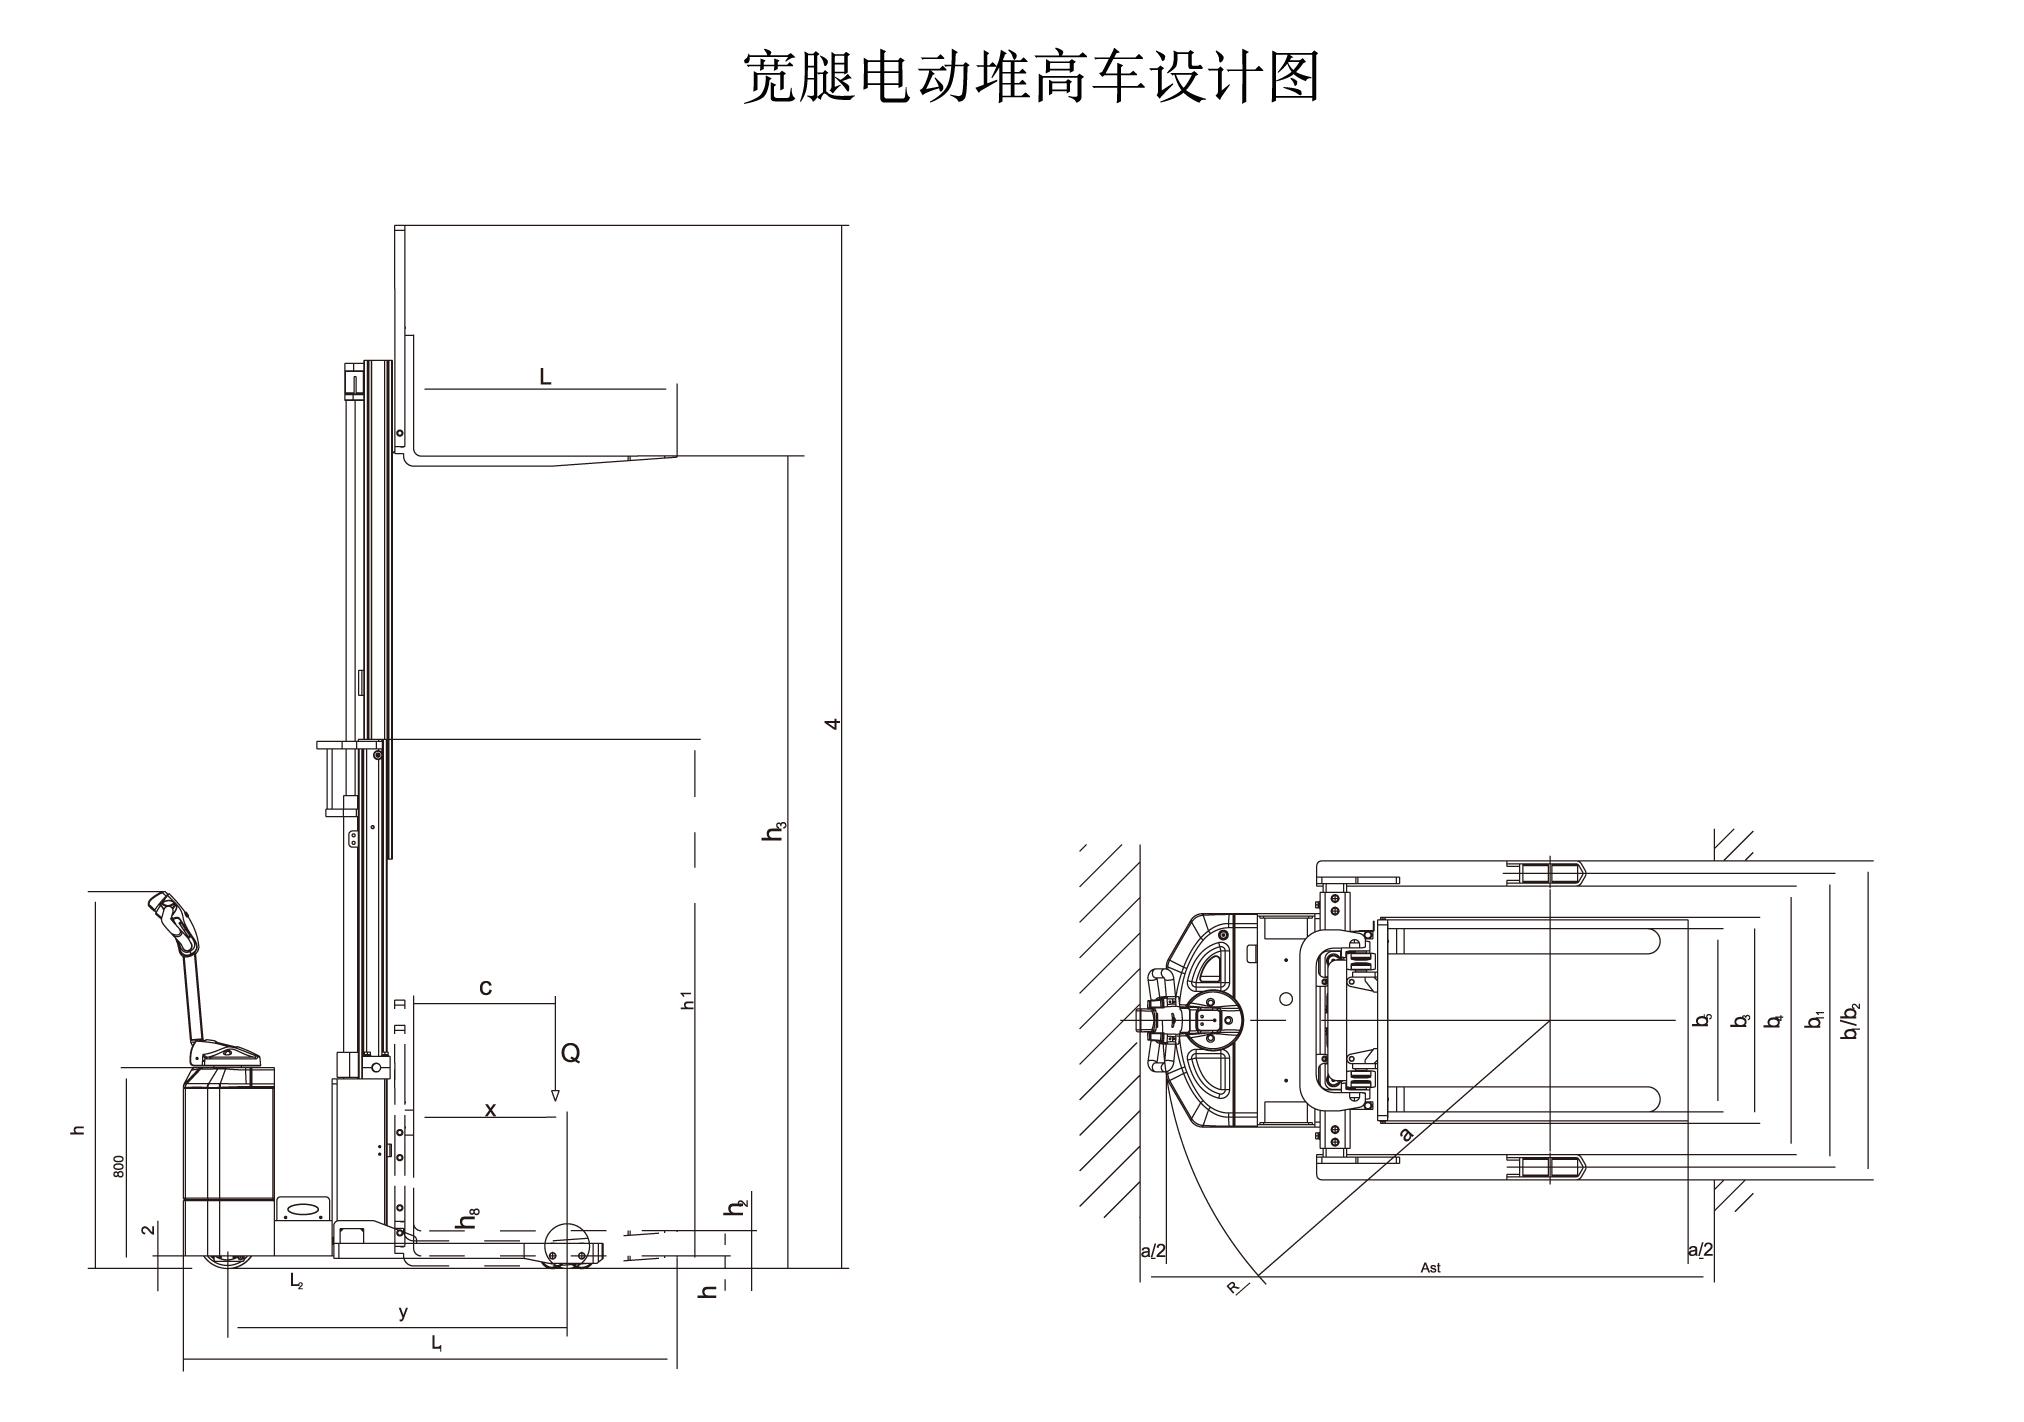 全电动堆高车设计图_半电动堆高机工作原理图